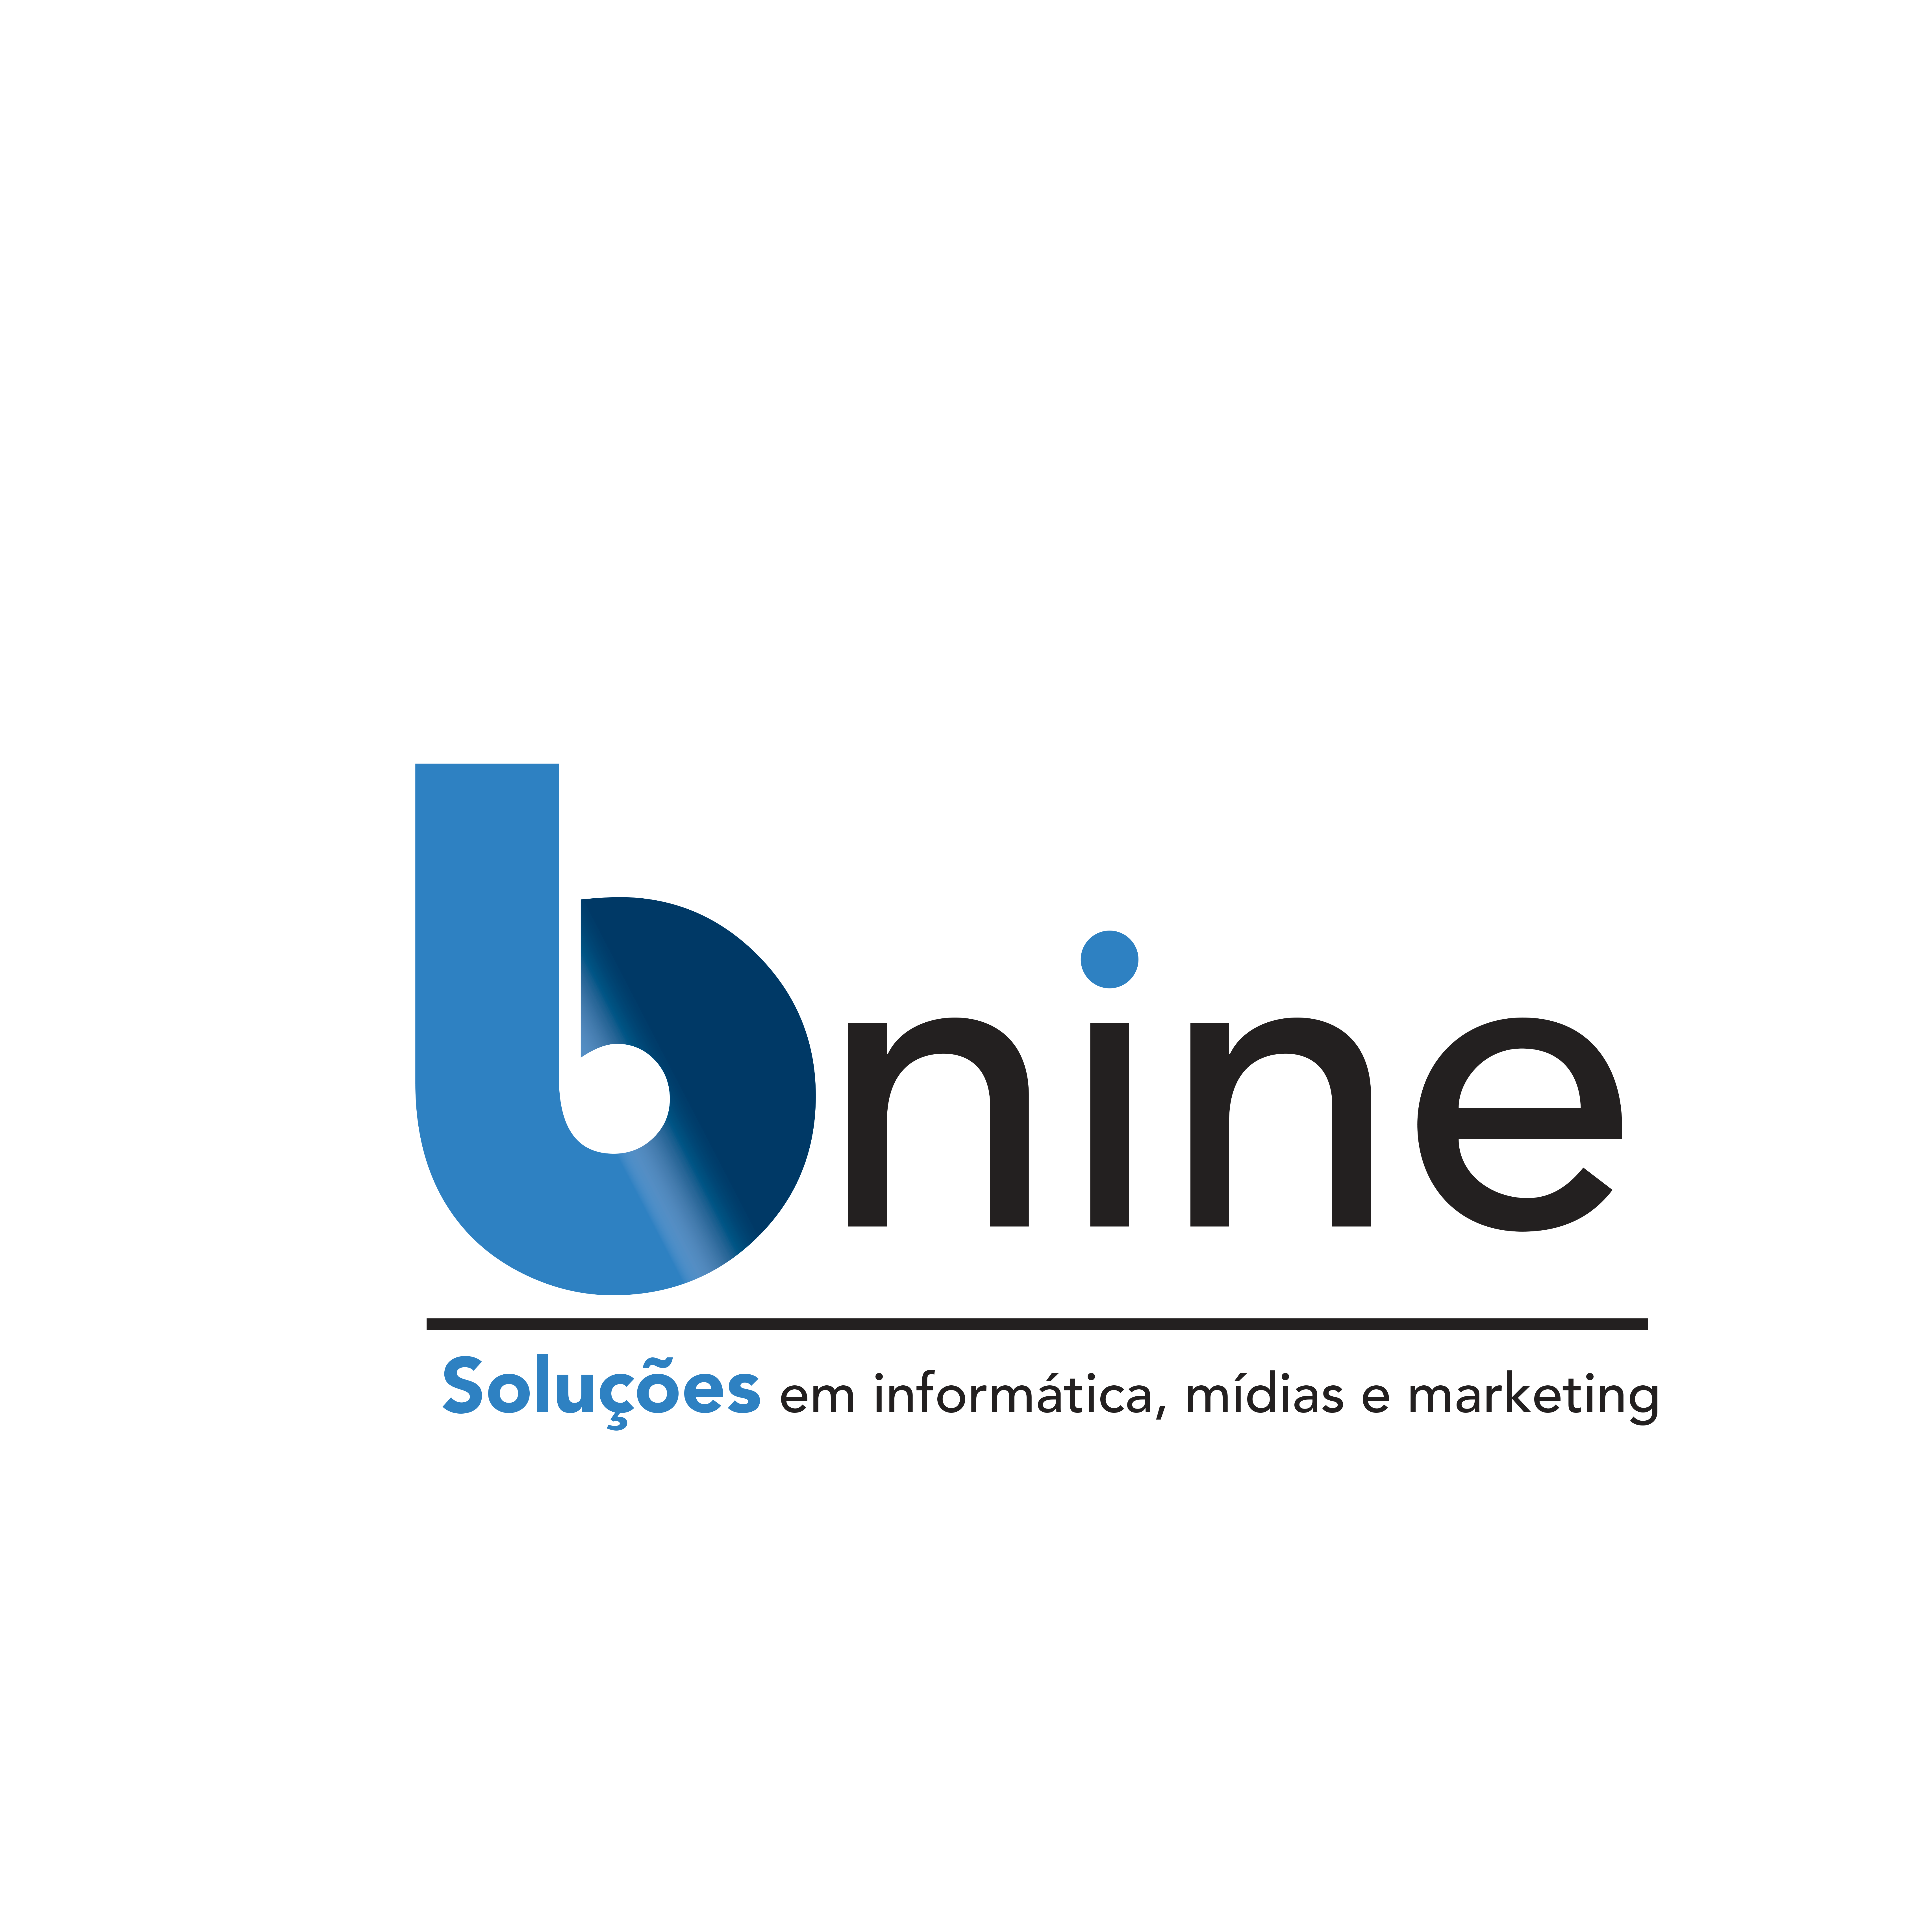 Bnine